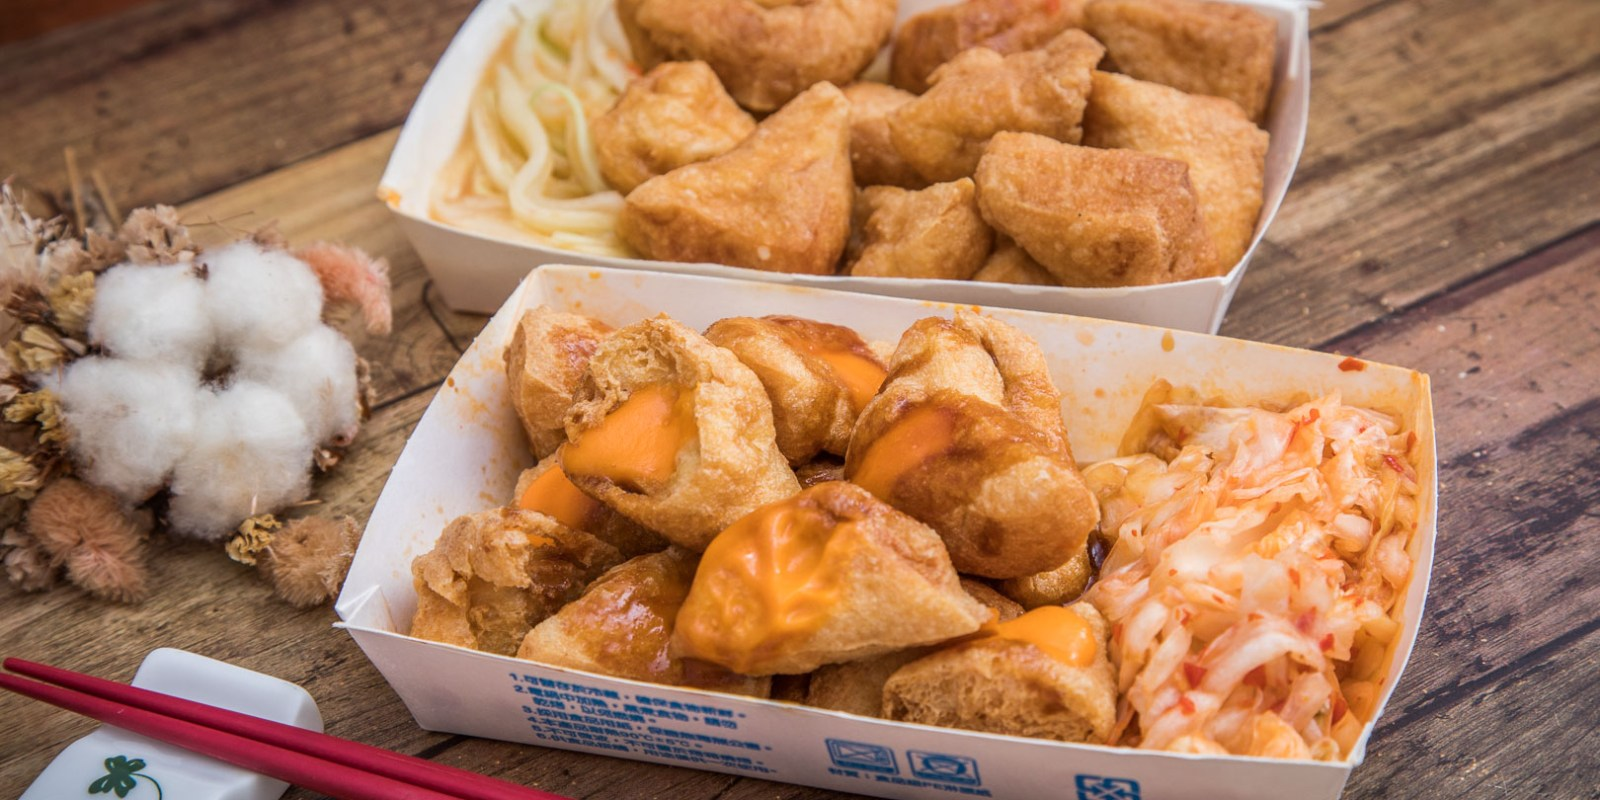 [桃園美食]好食家臭豆腐/起司+臭豆腐!?毫無違和感的絕妙搭配!低調神秘的移動臭豆腐車